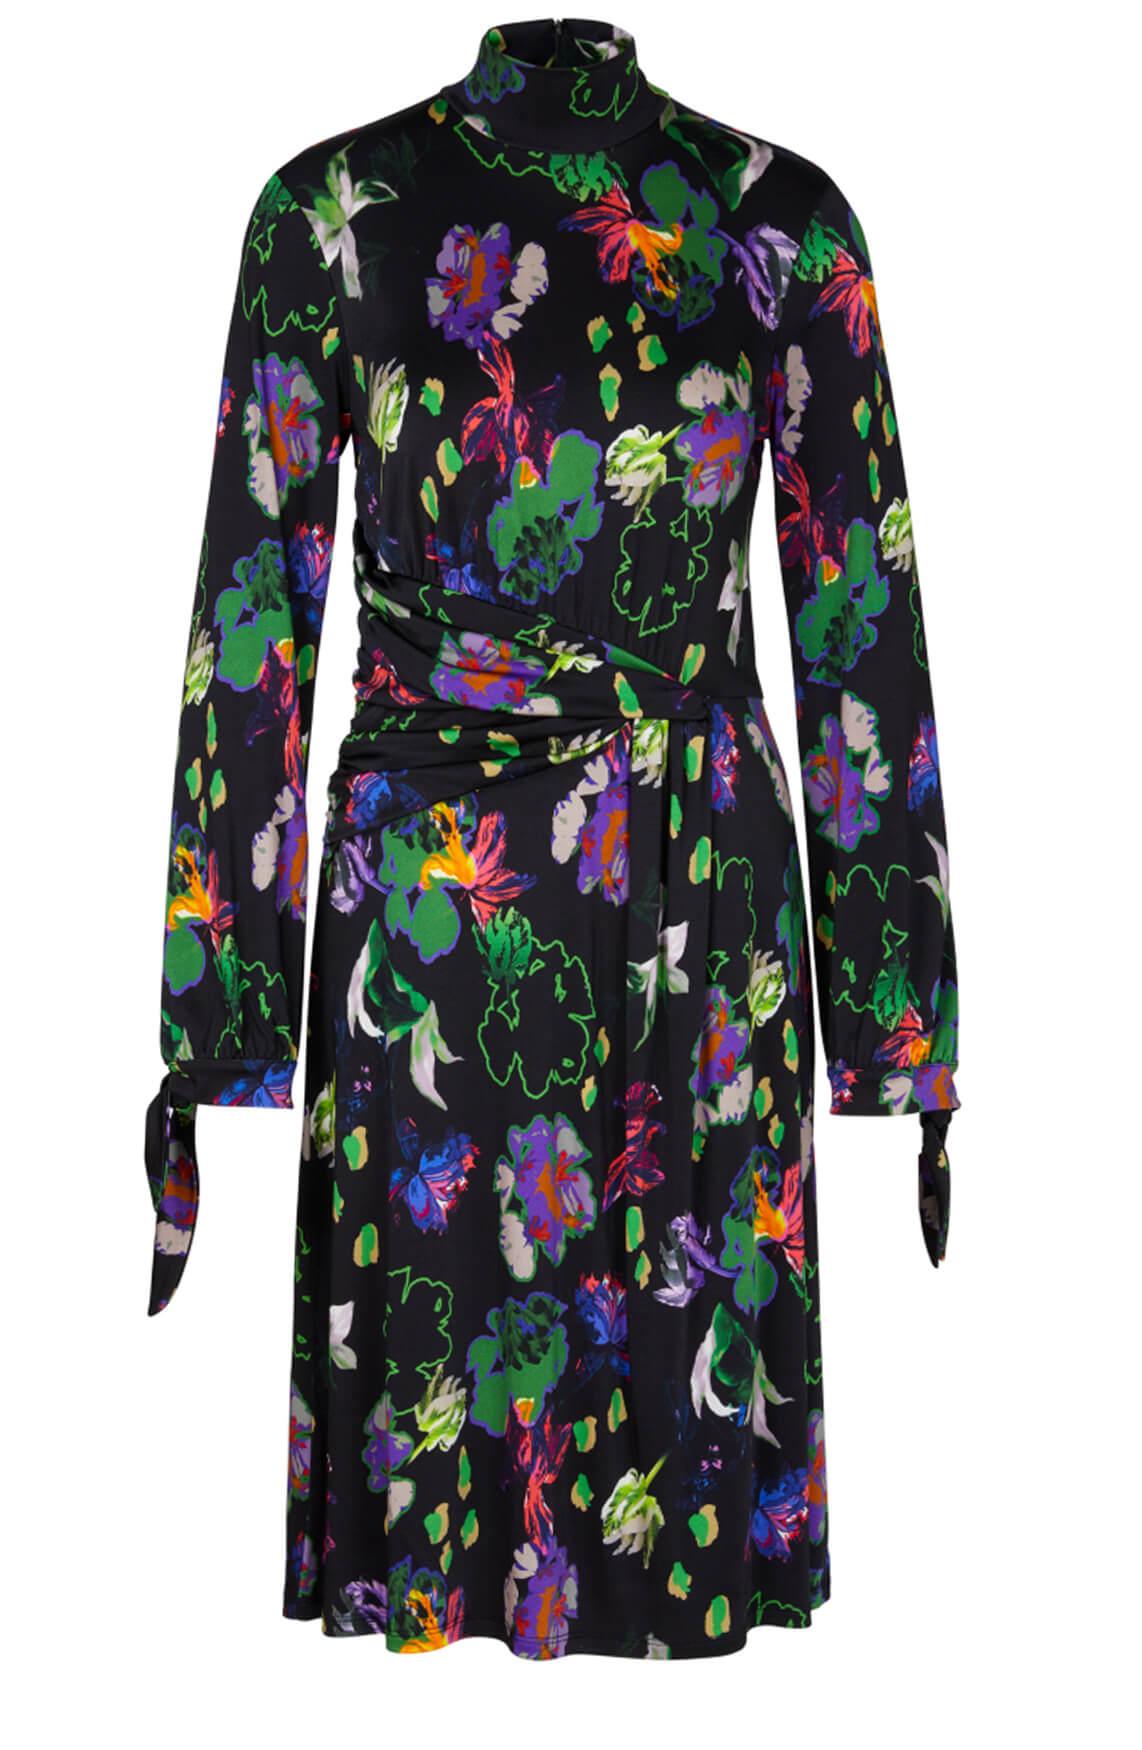 Marccain Dames Gebloemde jurk zwart